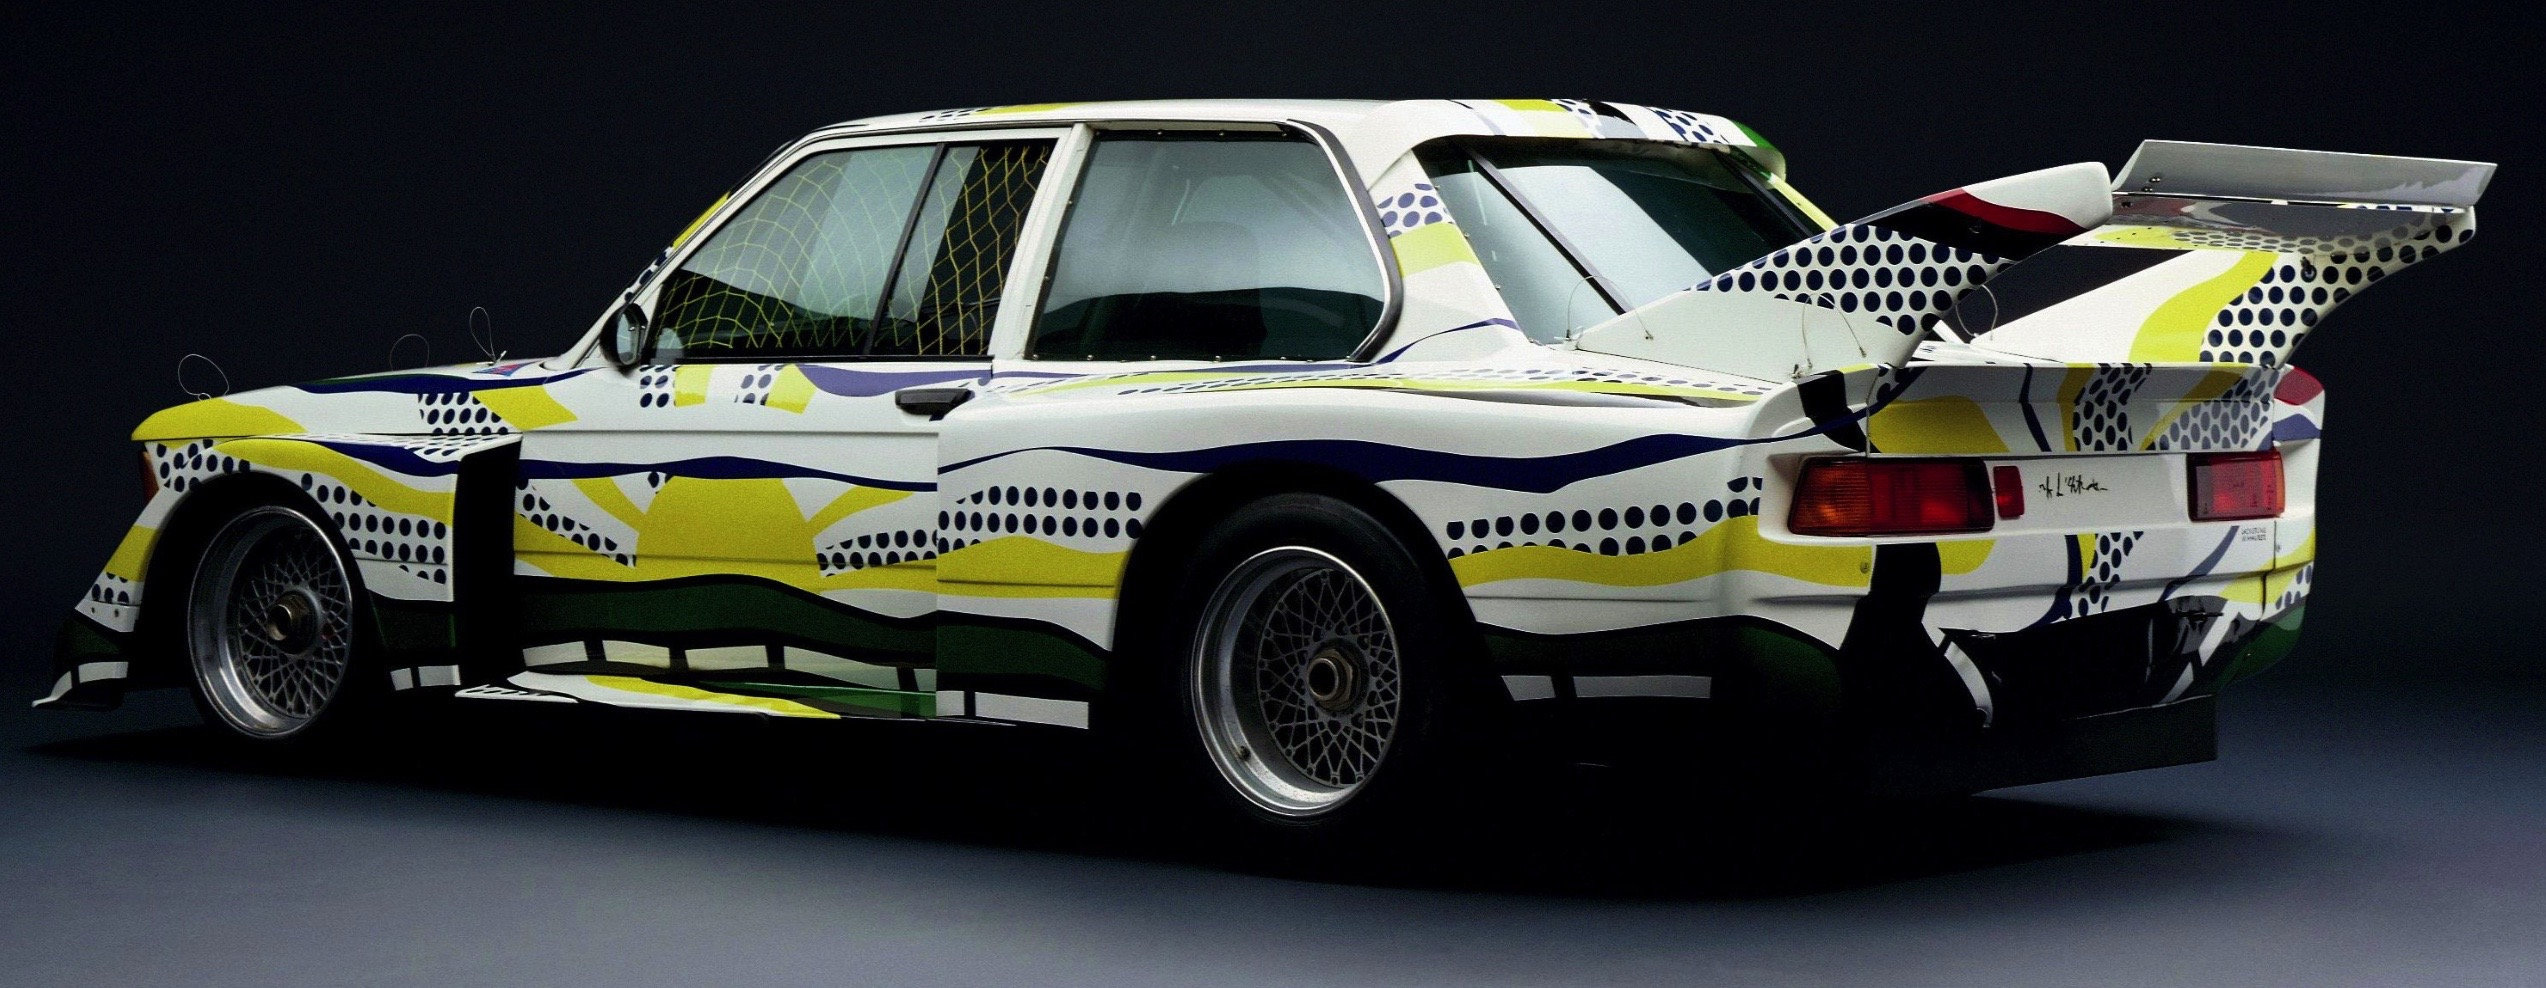 Roy Lichtenstein bmw art car14